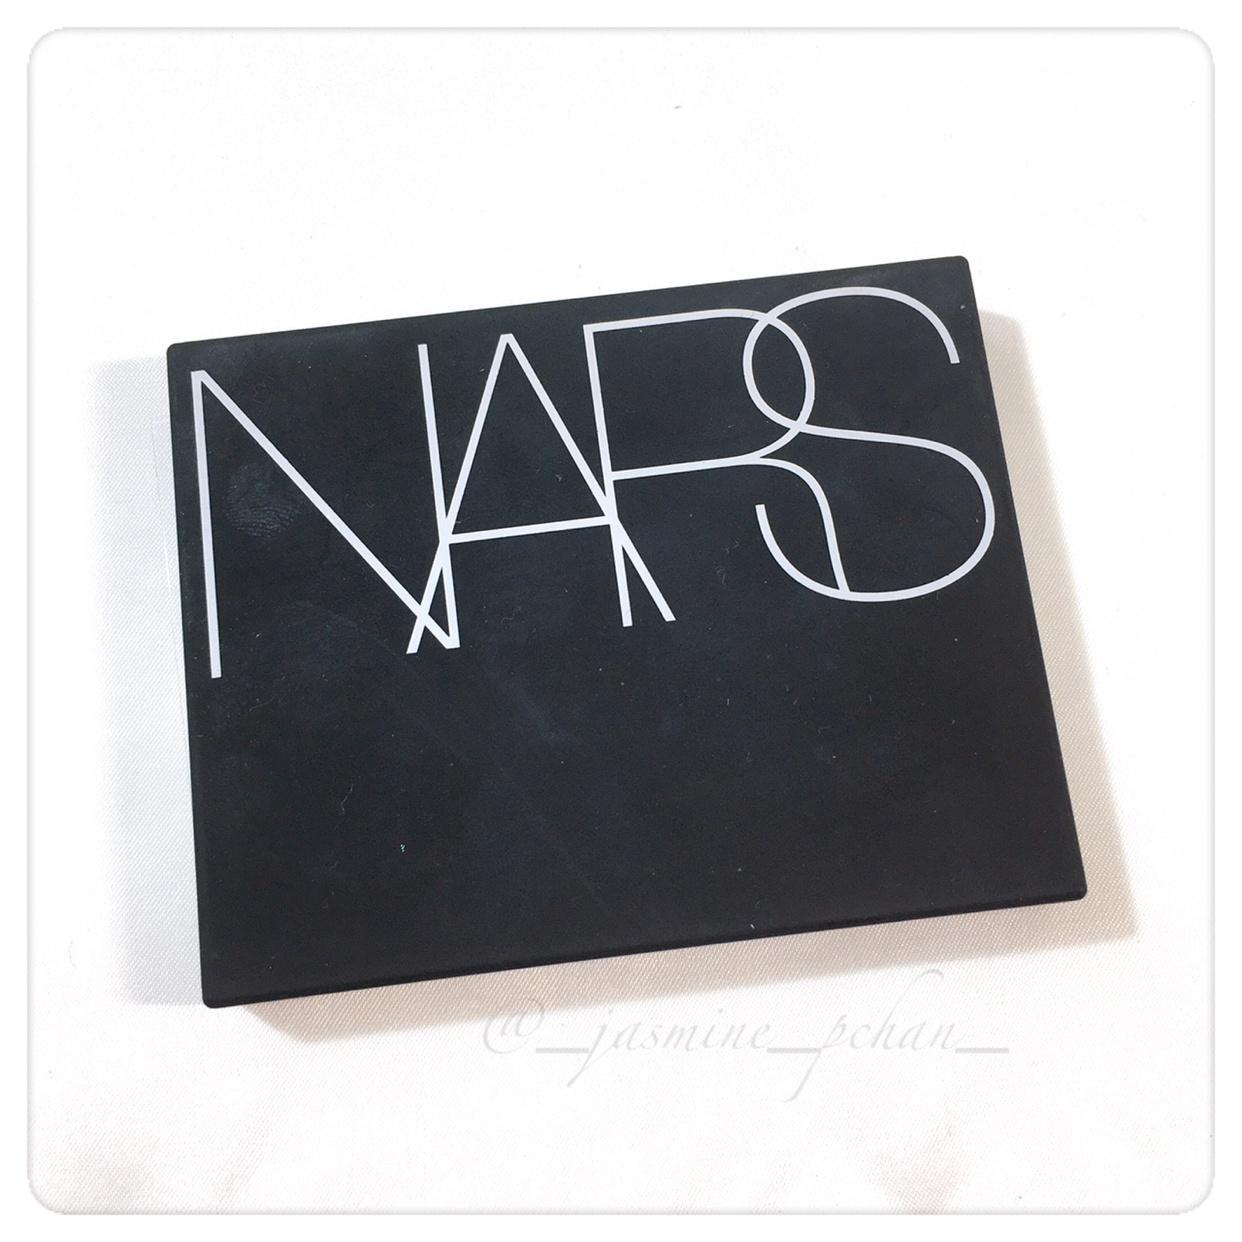 NARS(ナーズ) ヴォワヤジュール アイシャドーパレットを使ったぴい0130さんのクチコミ画像